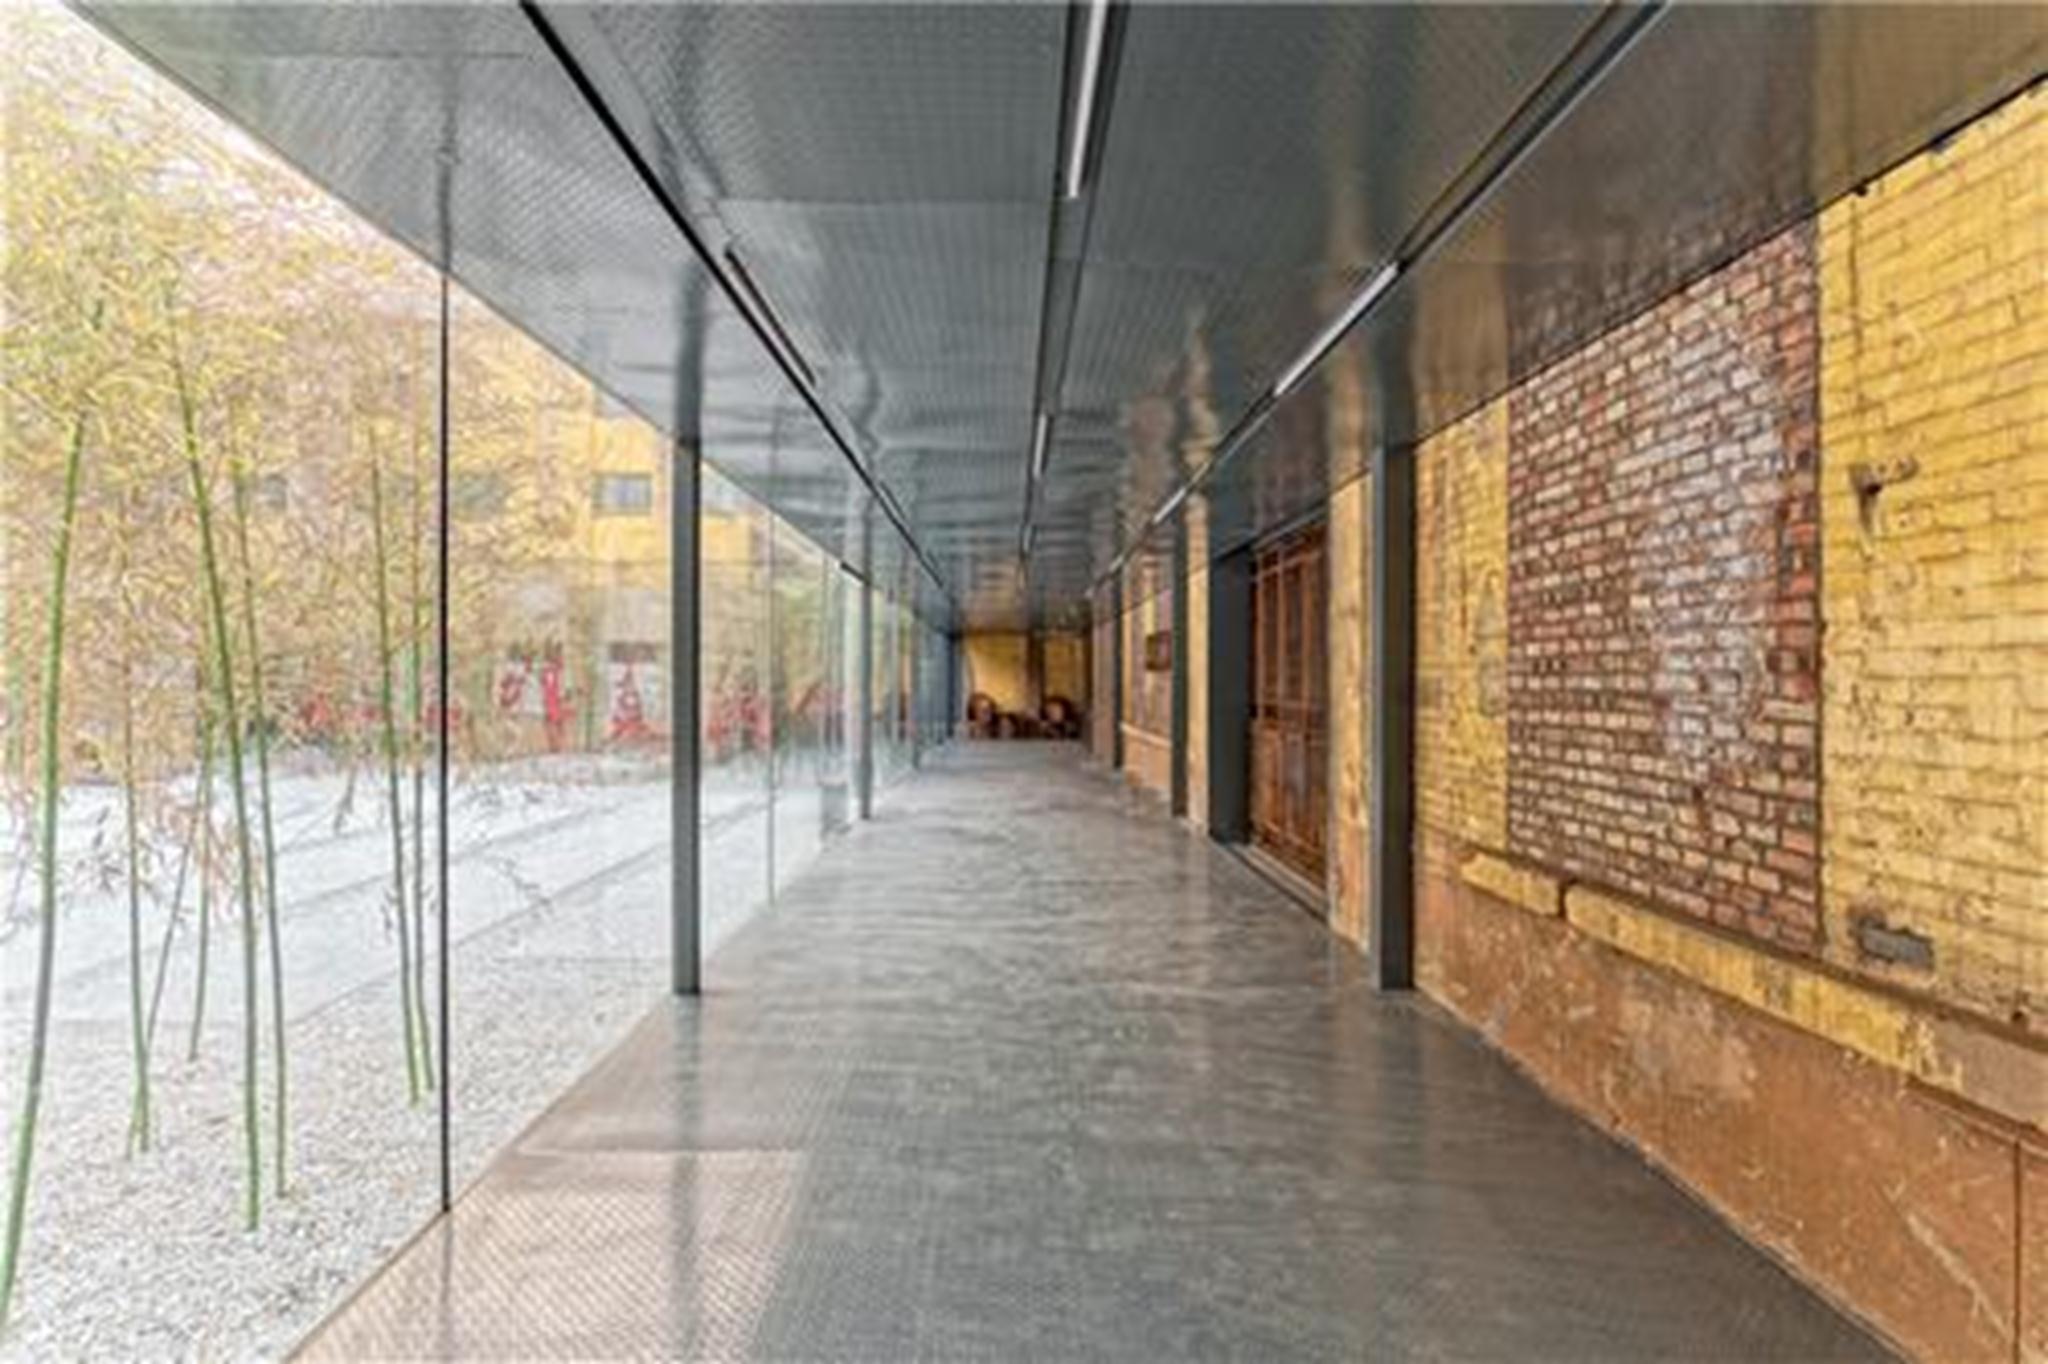 Một hành lang mờ kết nối nội thất và ngoại thất và làm nổi bật sự tương phản giữa những đặc điểm cũ và mới